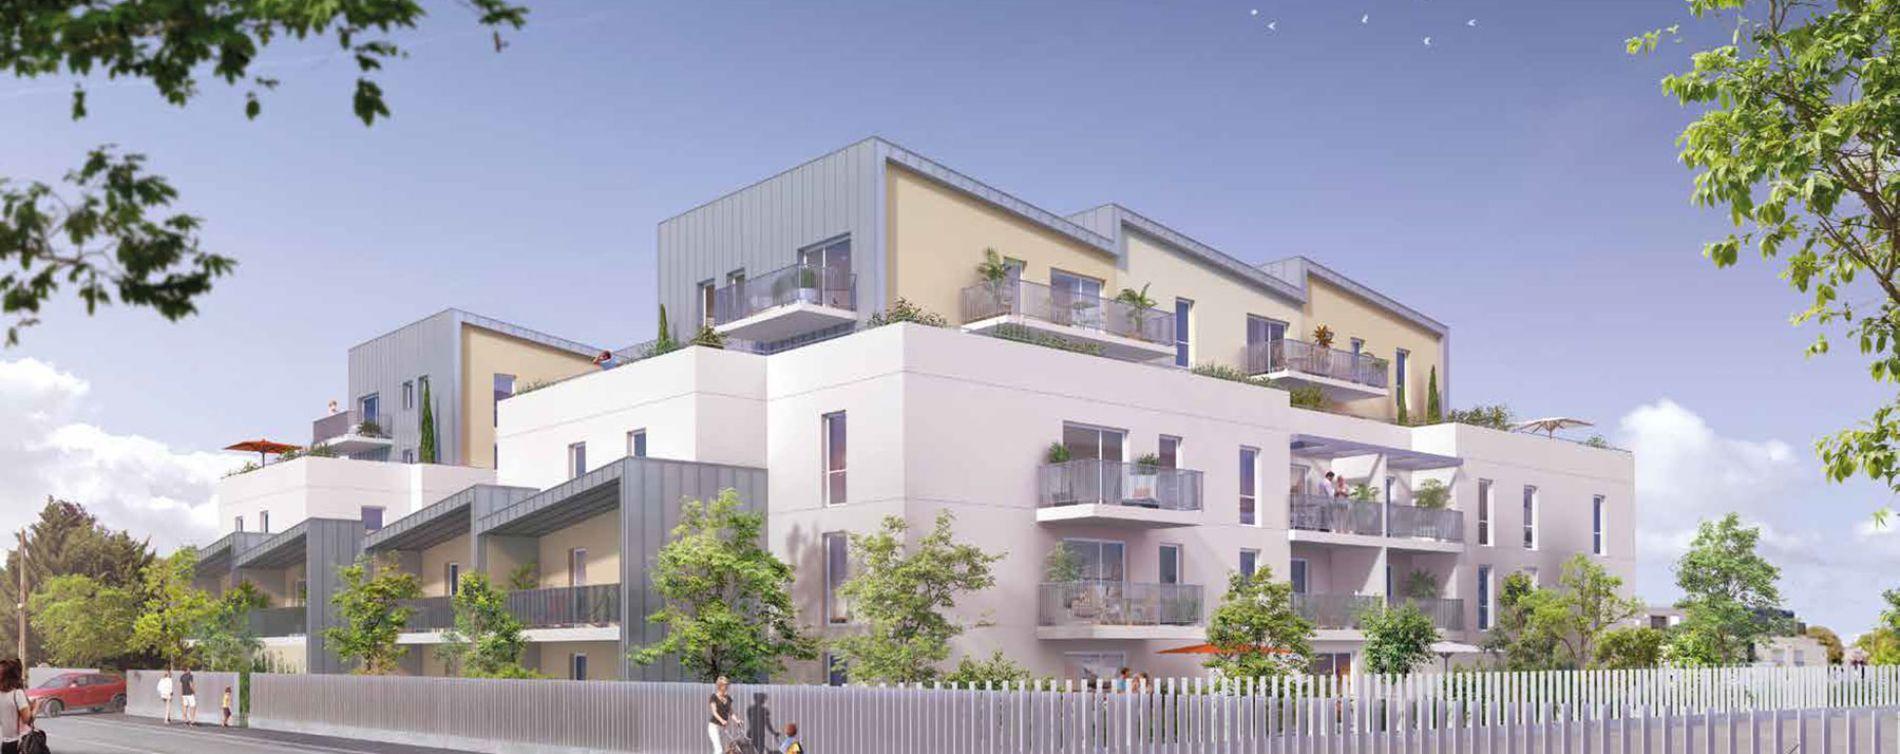 Angers : programme immobilier neuve « Fabrik » en Loi Pinel